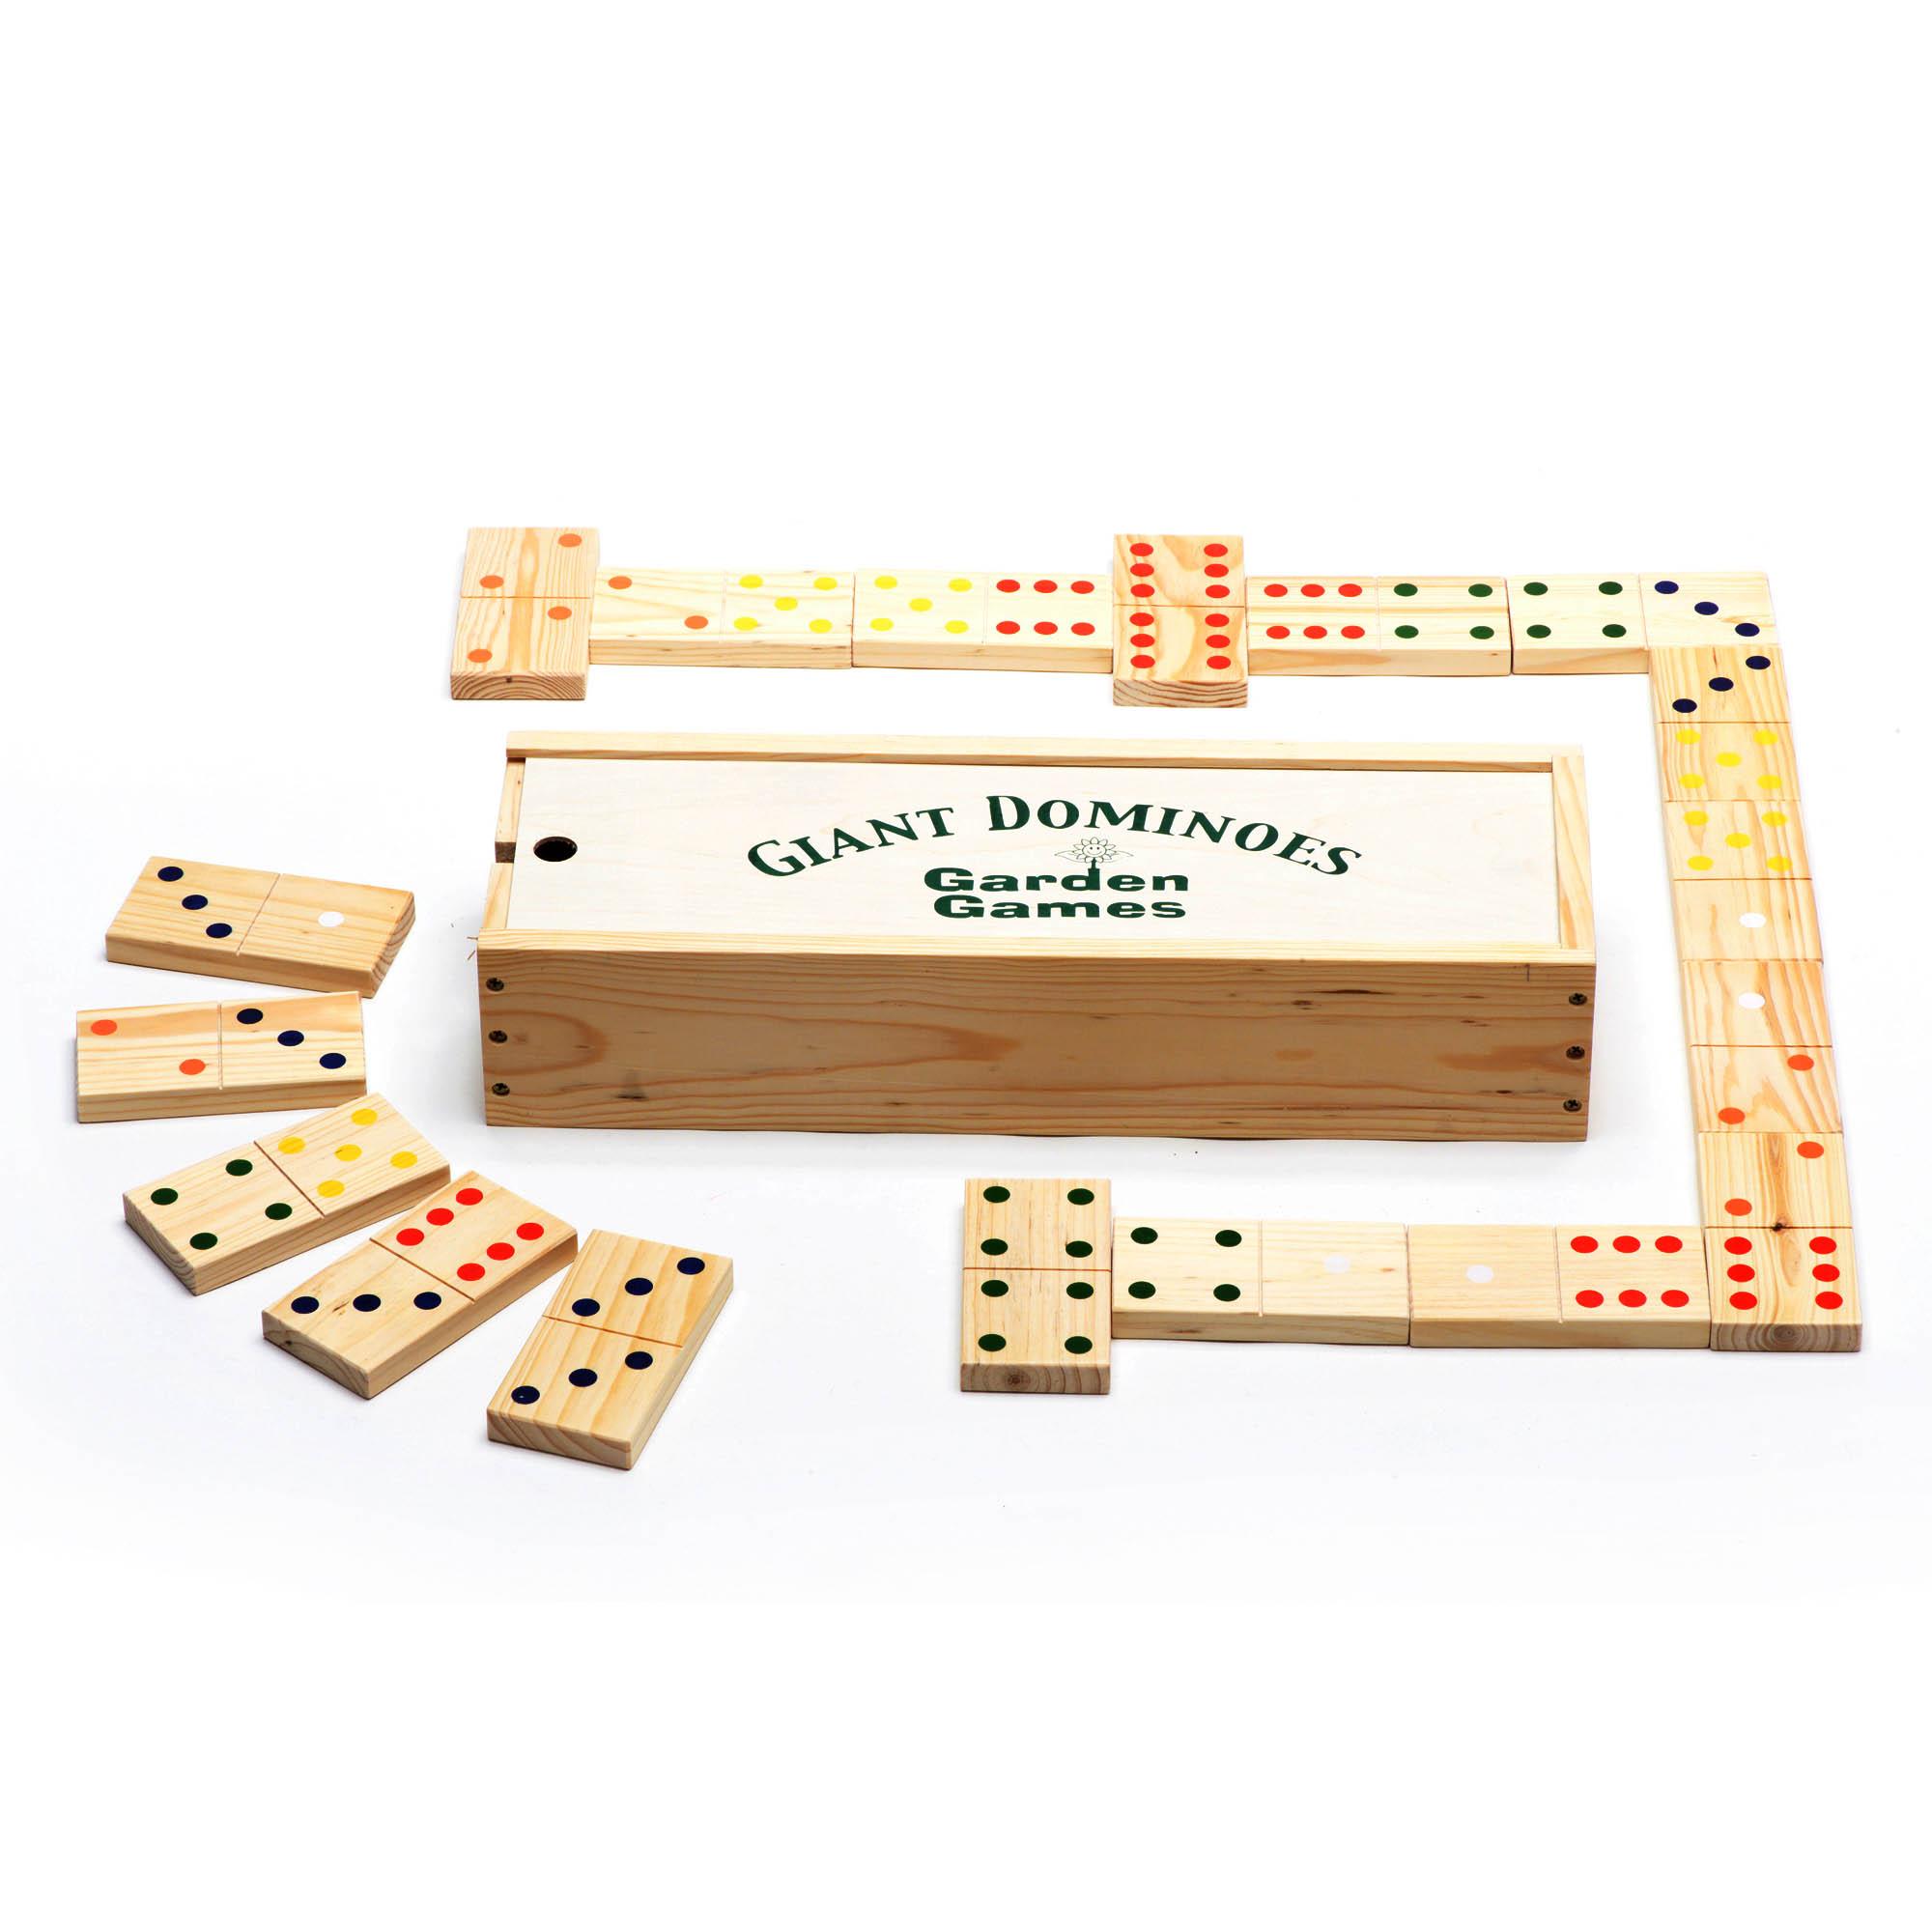 Image of Garden Games Giant Dominoes